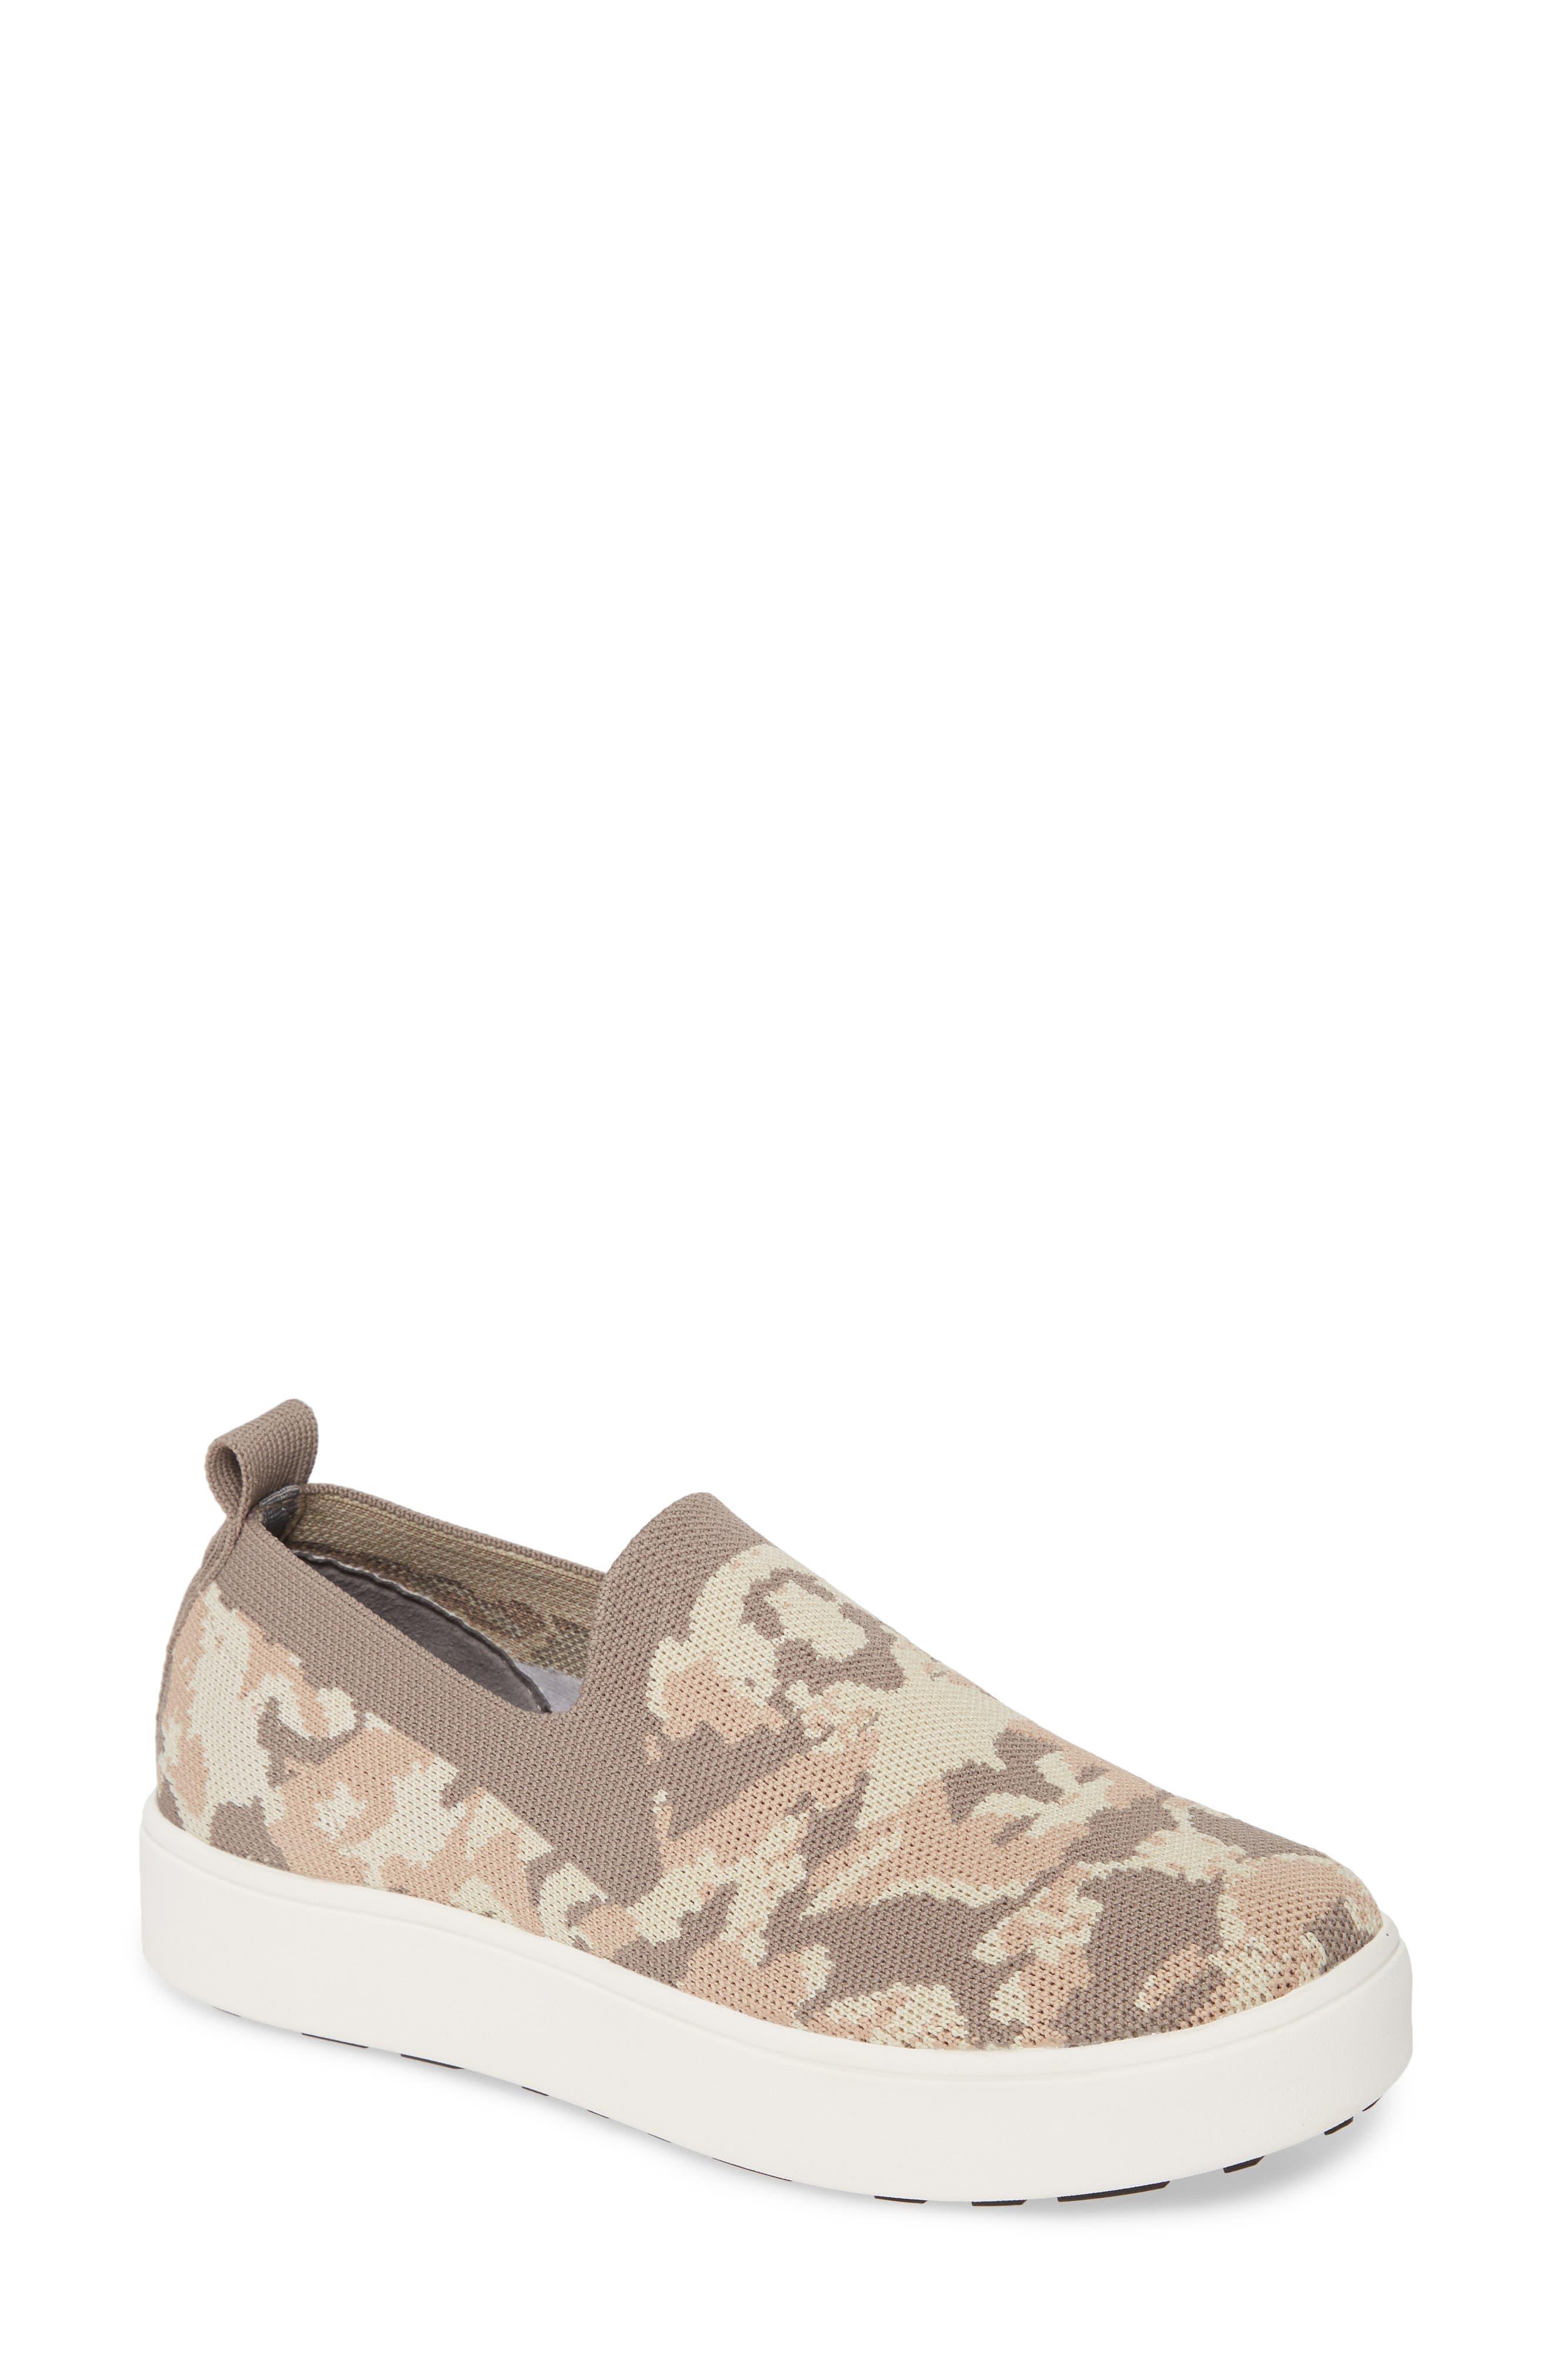 Bernie Mev. Jenna Slip-On Sneaker, Brown